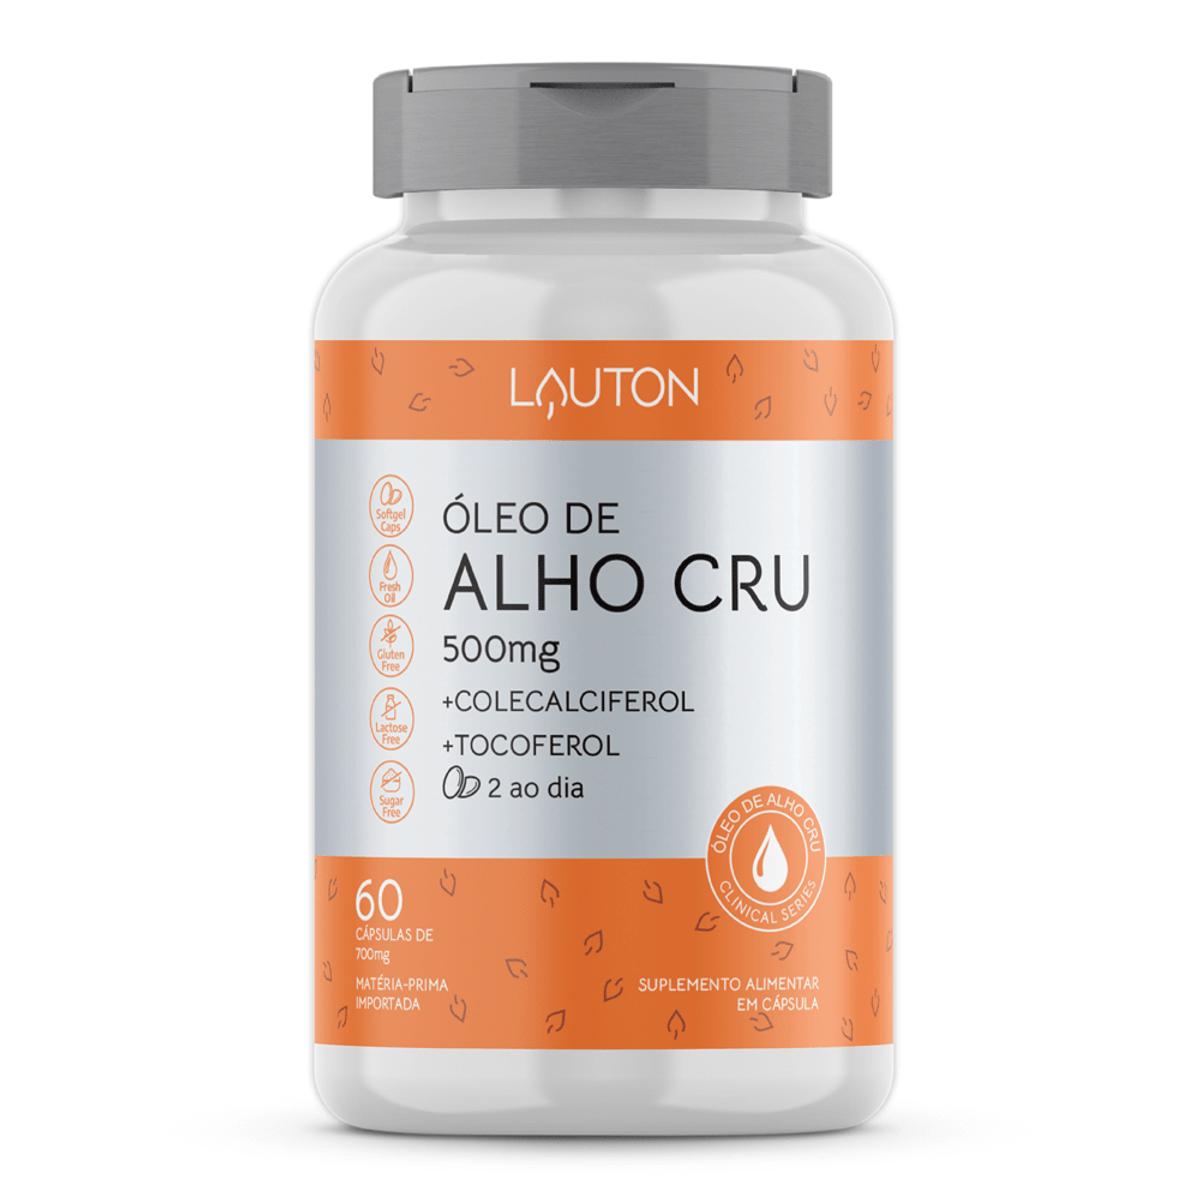 Óleo de Alho Cru 500mg - 60 Cápsulas - Lauton Nutrition